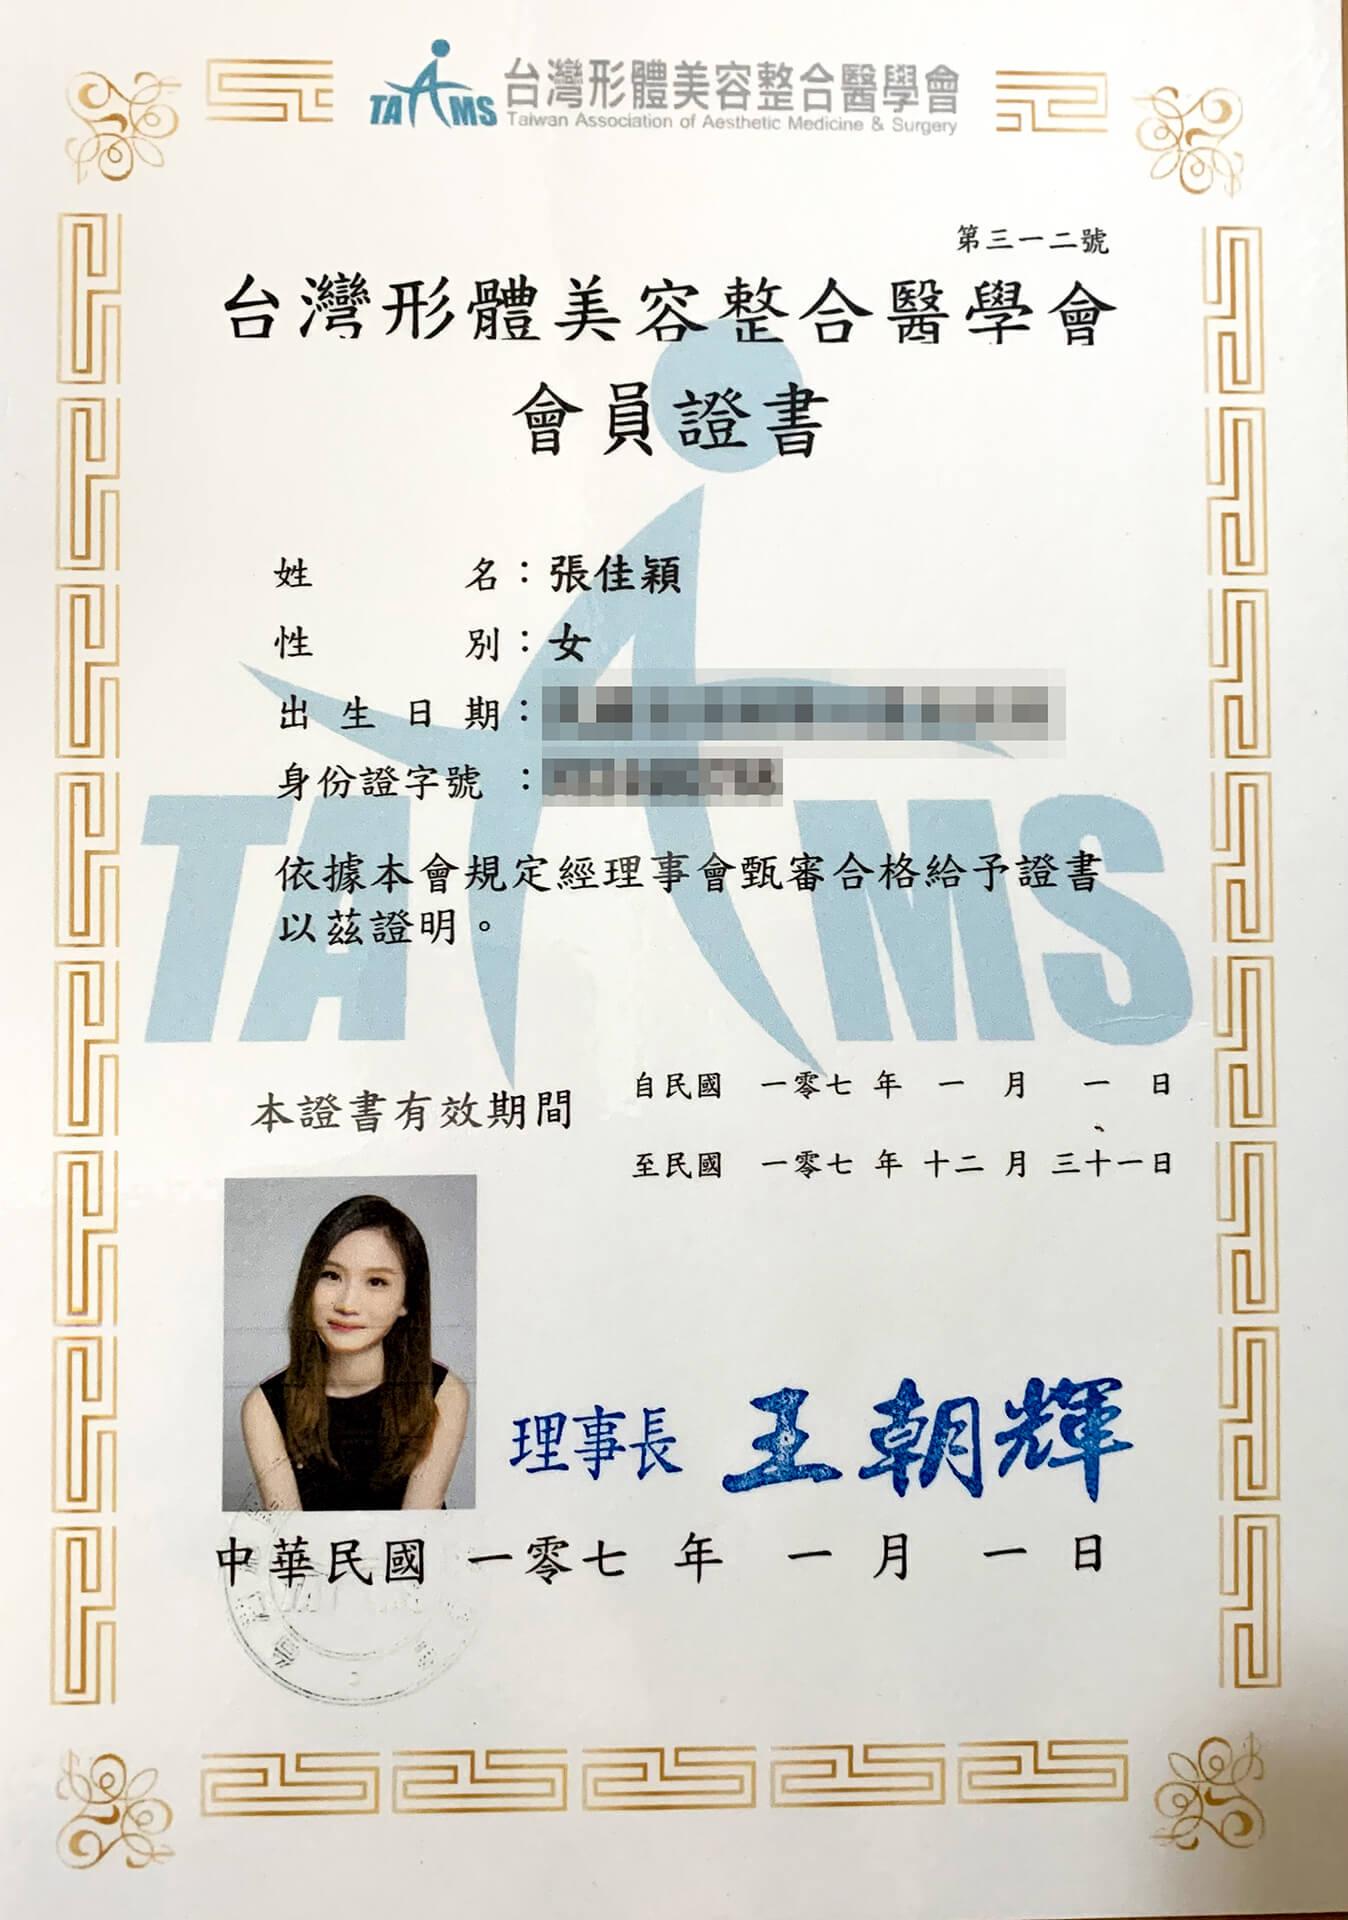 形體美容整合醫學會會員完成 (1)